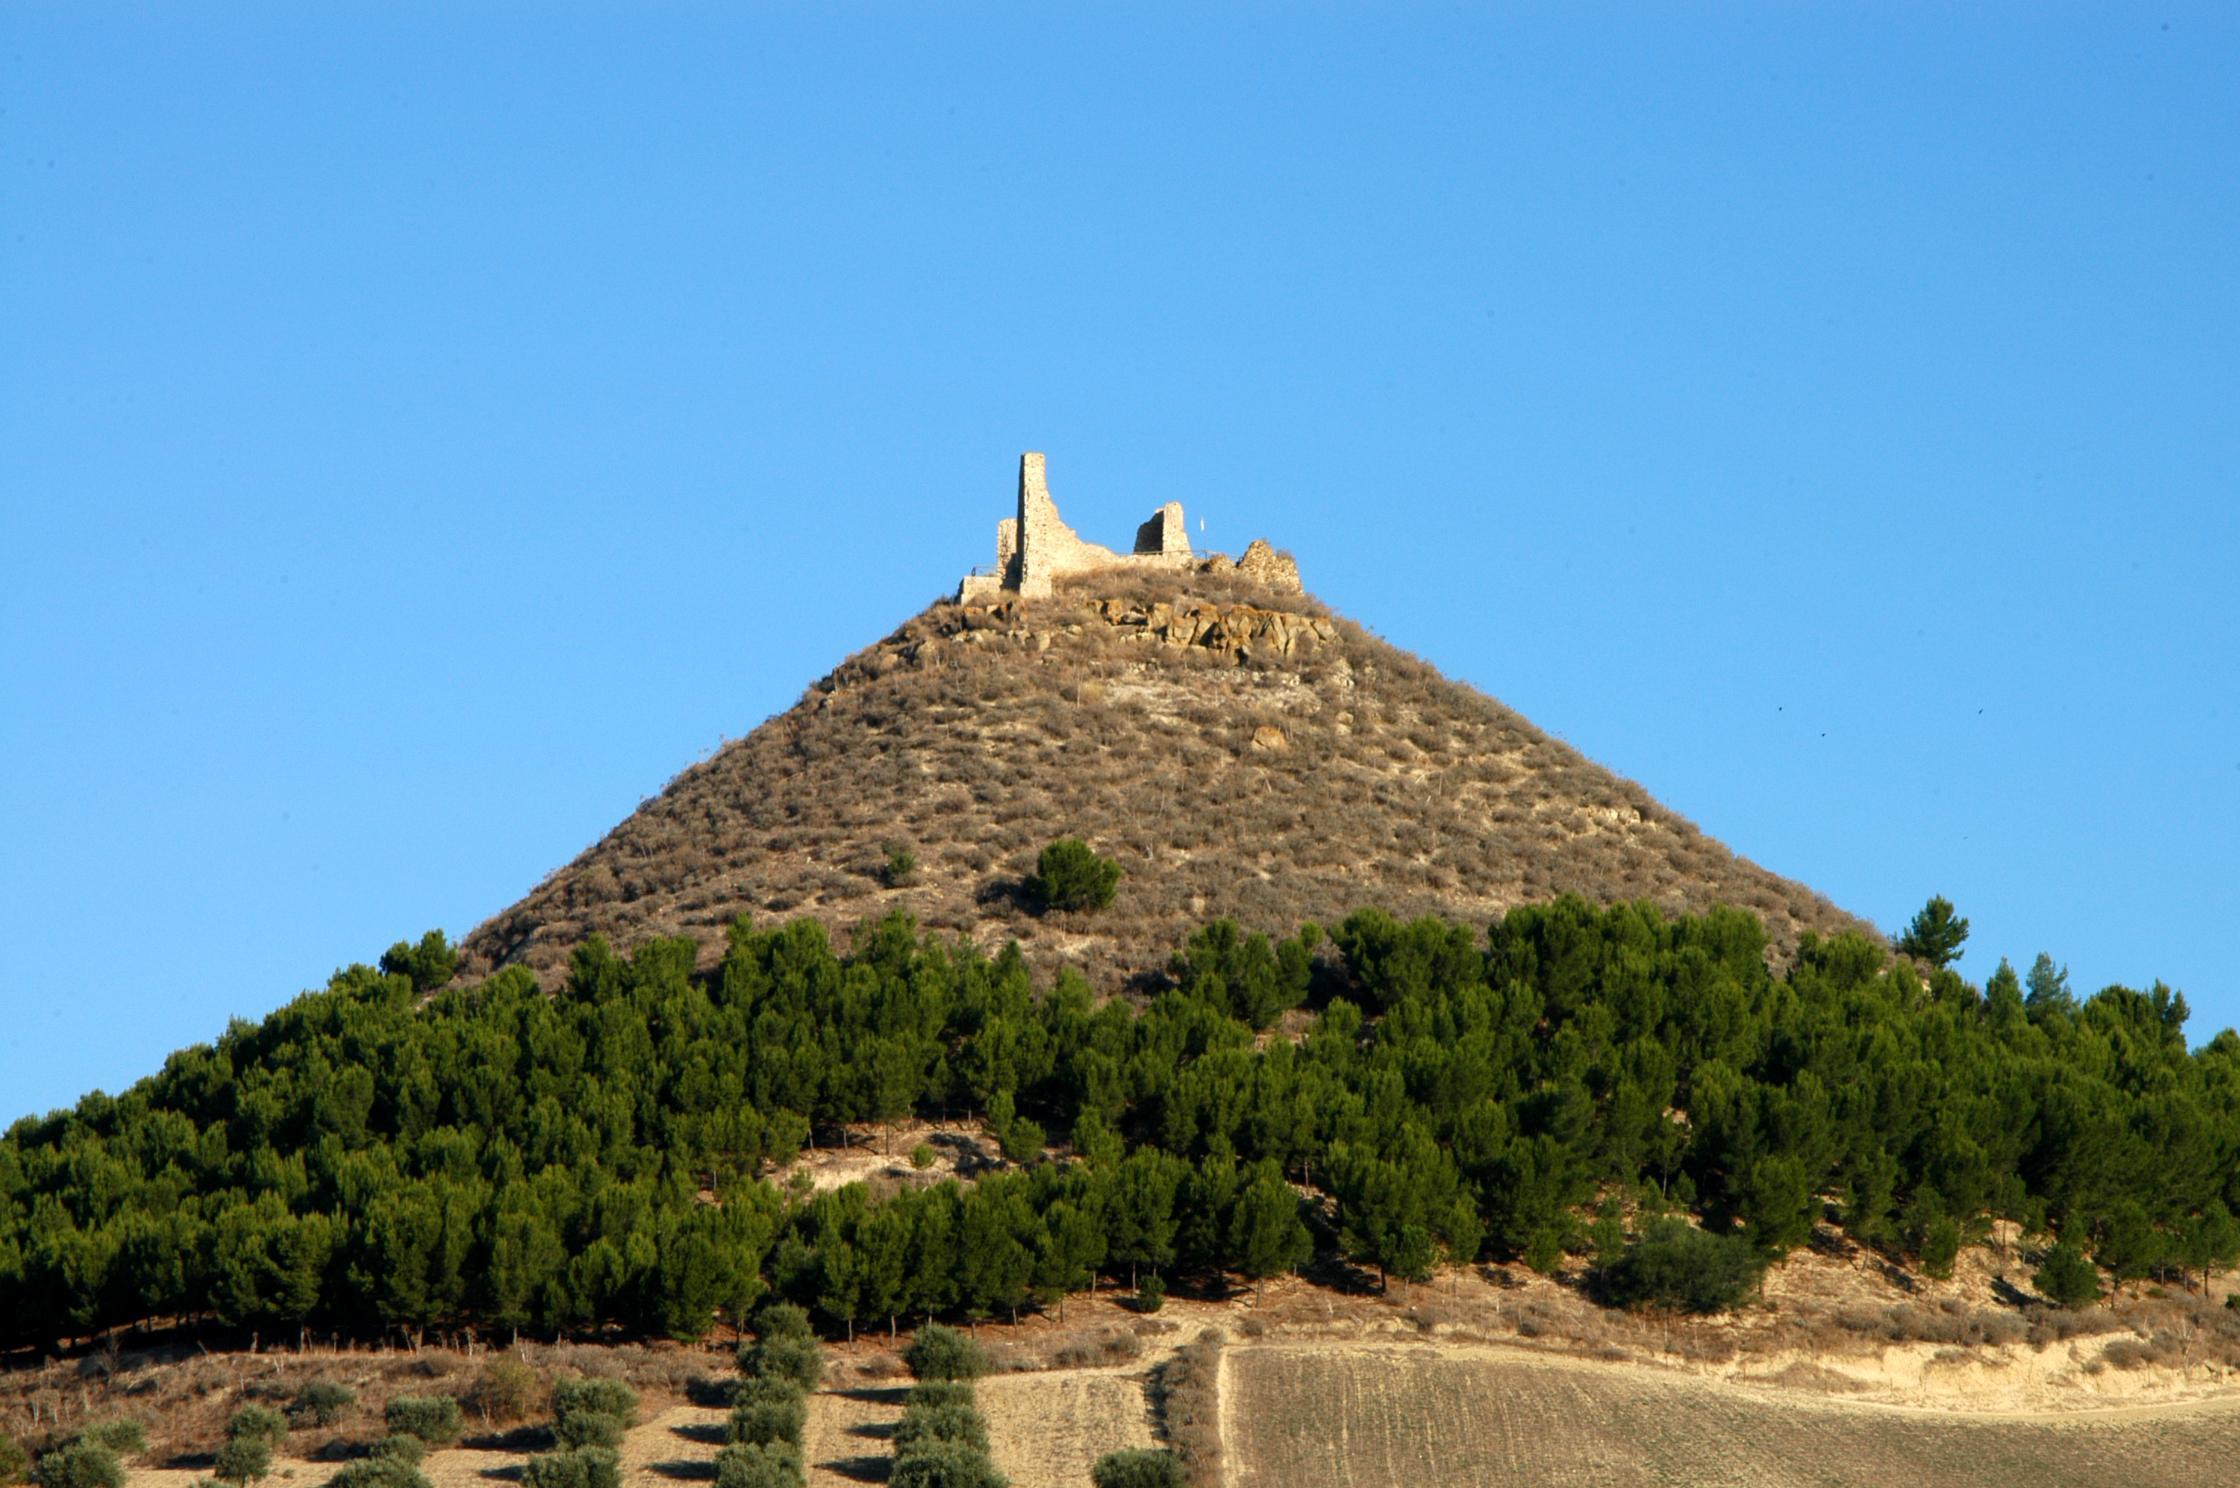 MW_mediaArchive_Image_ec34bb3a7c999e599adfdd07598170b8_Las Plassas - Castello di Marmilla